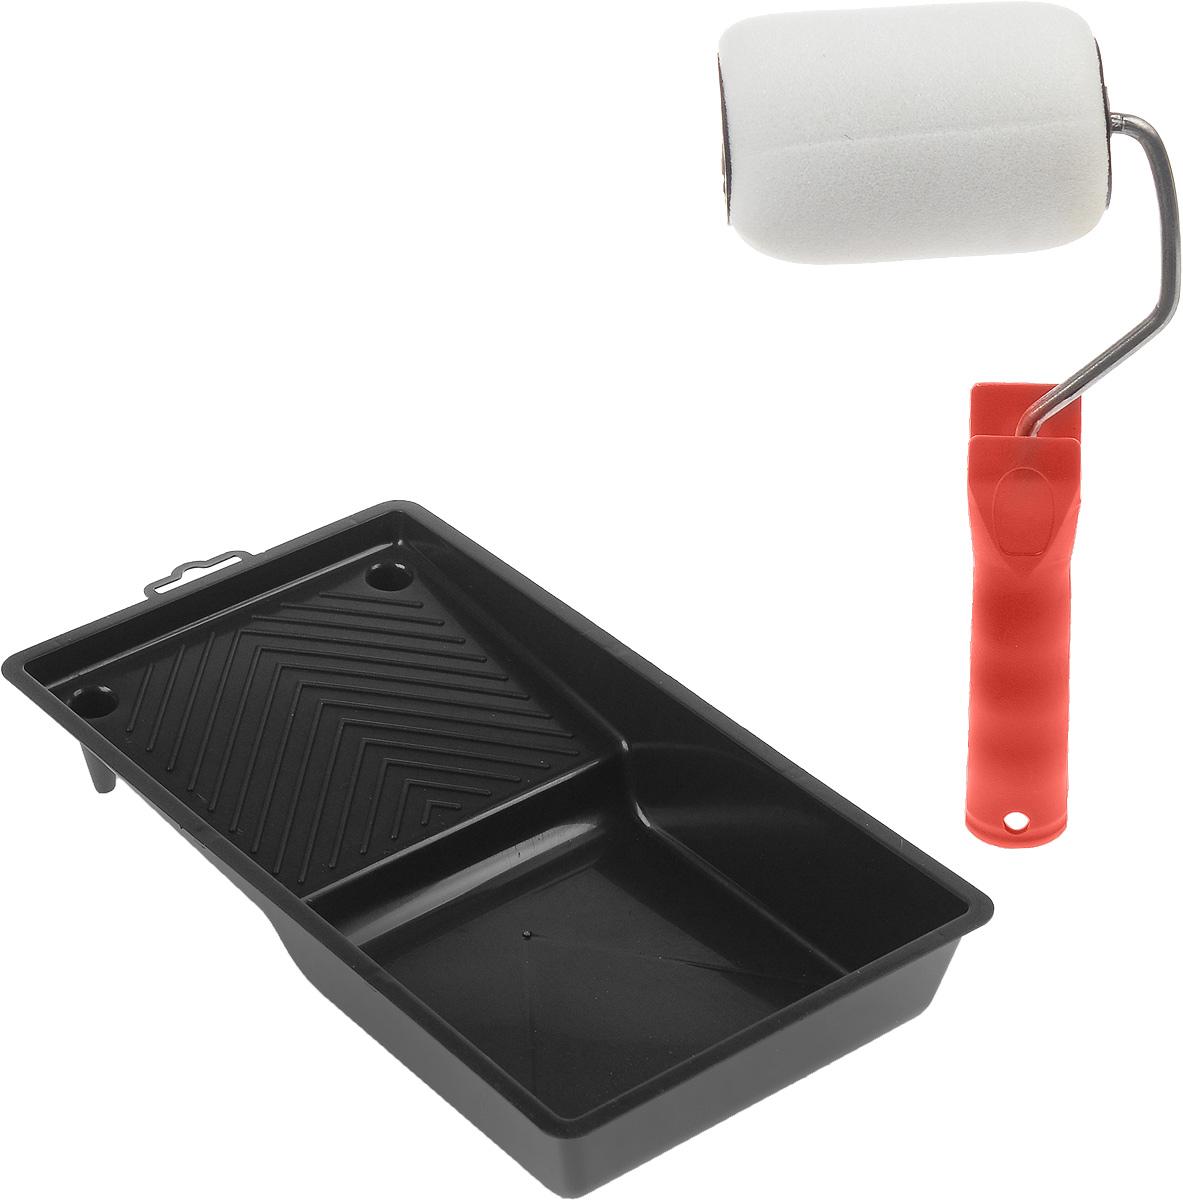 Валик малярный Fit, с ручкой, с ванночкой, 100 х 70 мм3001_красный с ванночкойМалярный валик Fit выполнен из поролона и оснащен эргономичной пластиковой ручкой. Используется с лакокрасочными материалами на водной и алкидной основах и масляными красками. В комплект входит ванночка. Длина ролика: 10 см. Диаметр ролика: 4,2 см. Размер валика: 28 х 12 х 6 см. Бюгель: 0,6 см. Размер ванночки: 29 х 15 см. Глубина ванночки: 4 см.